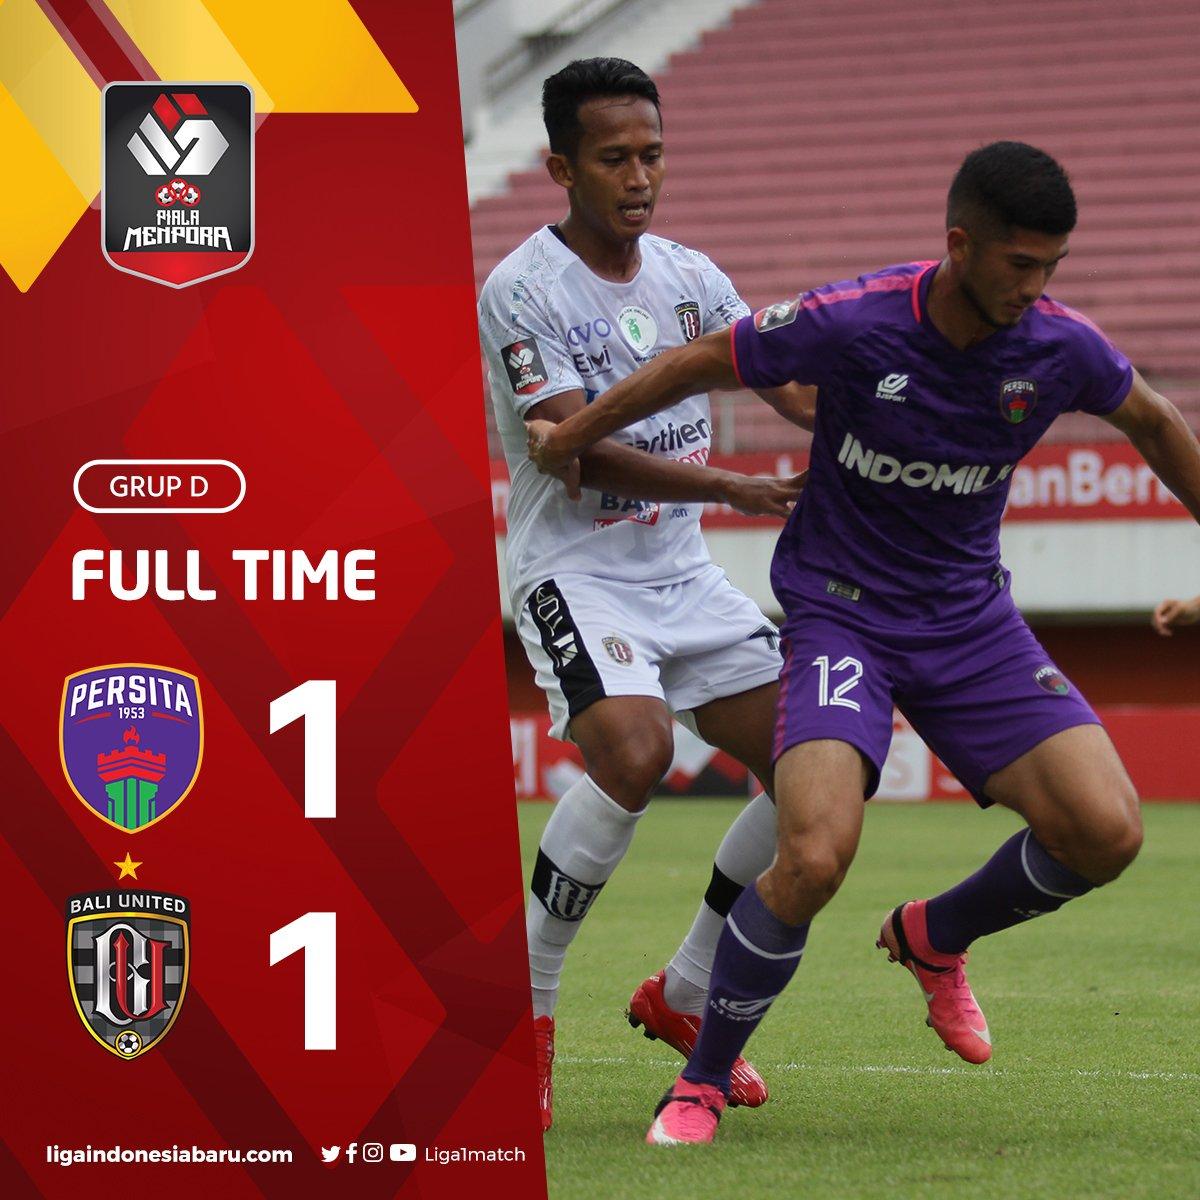 Hasil Persita 1-1 Bali United